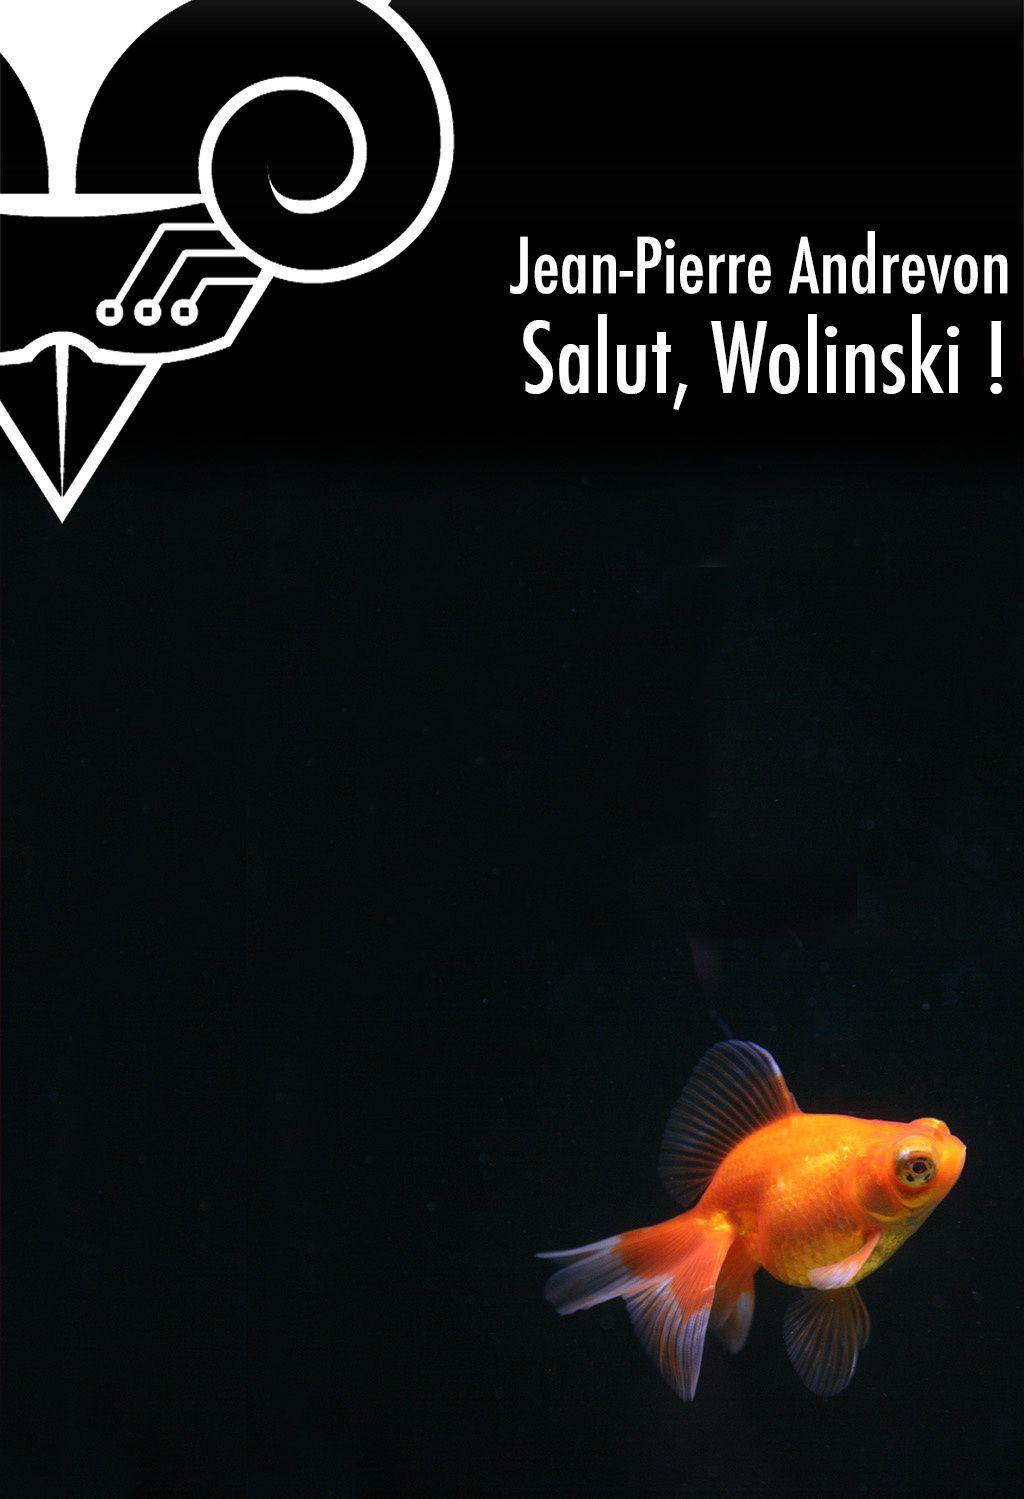 Salut, Wolinski ! - Jean-Pierre ANDREVON (1975), illustration de Cédric BUCAILLE, Le Bélial', 2013